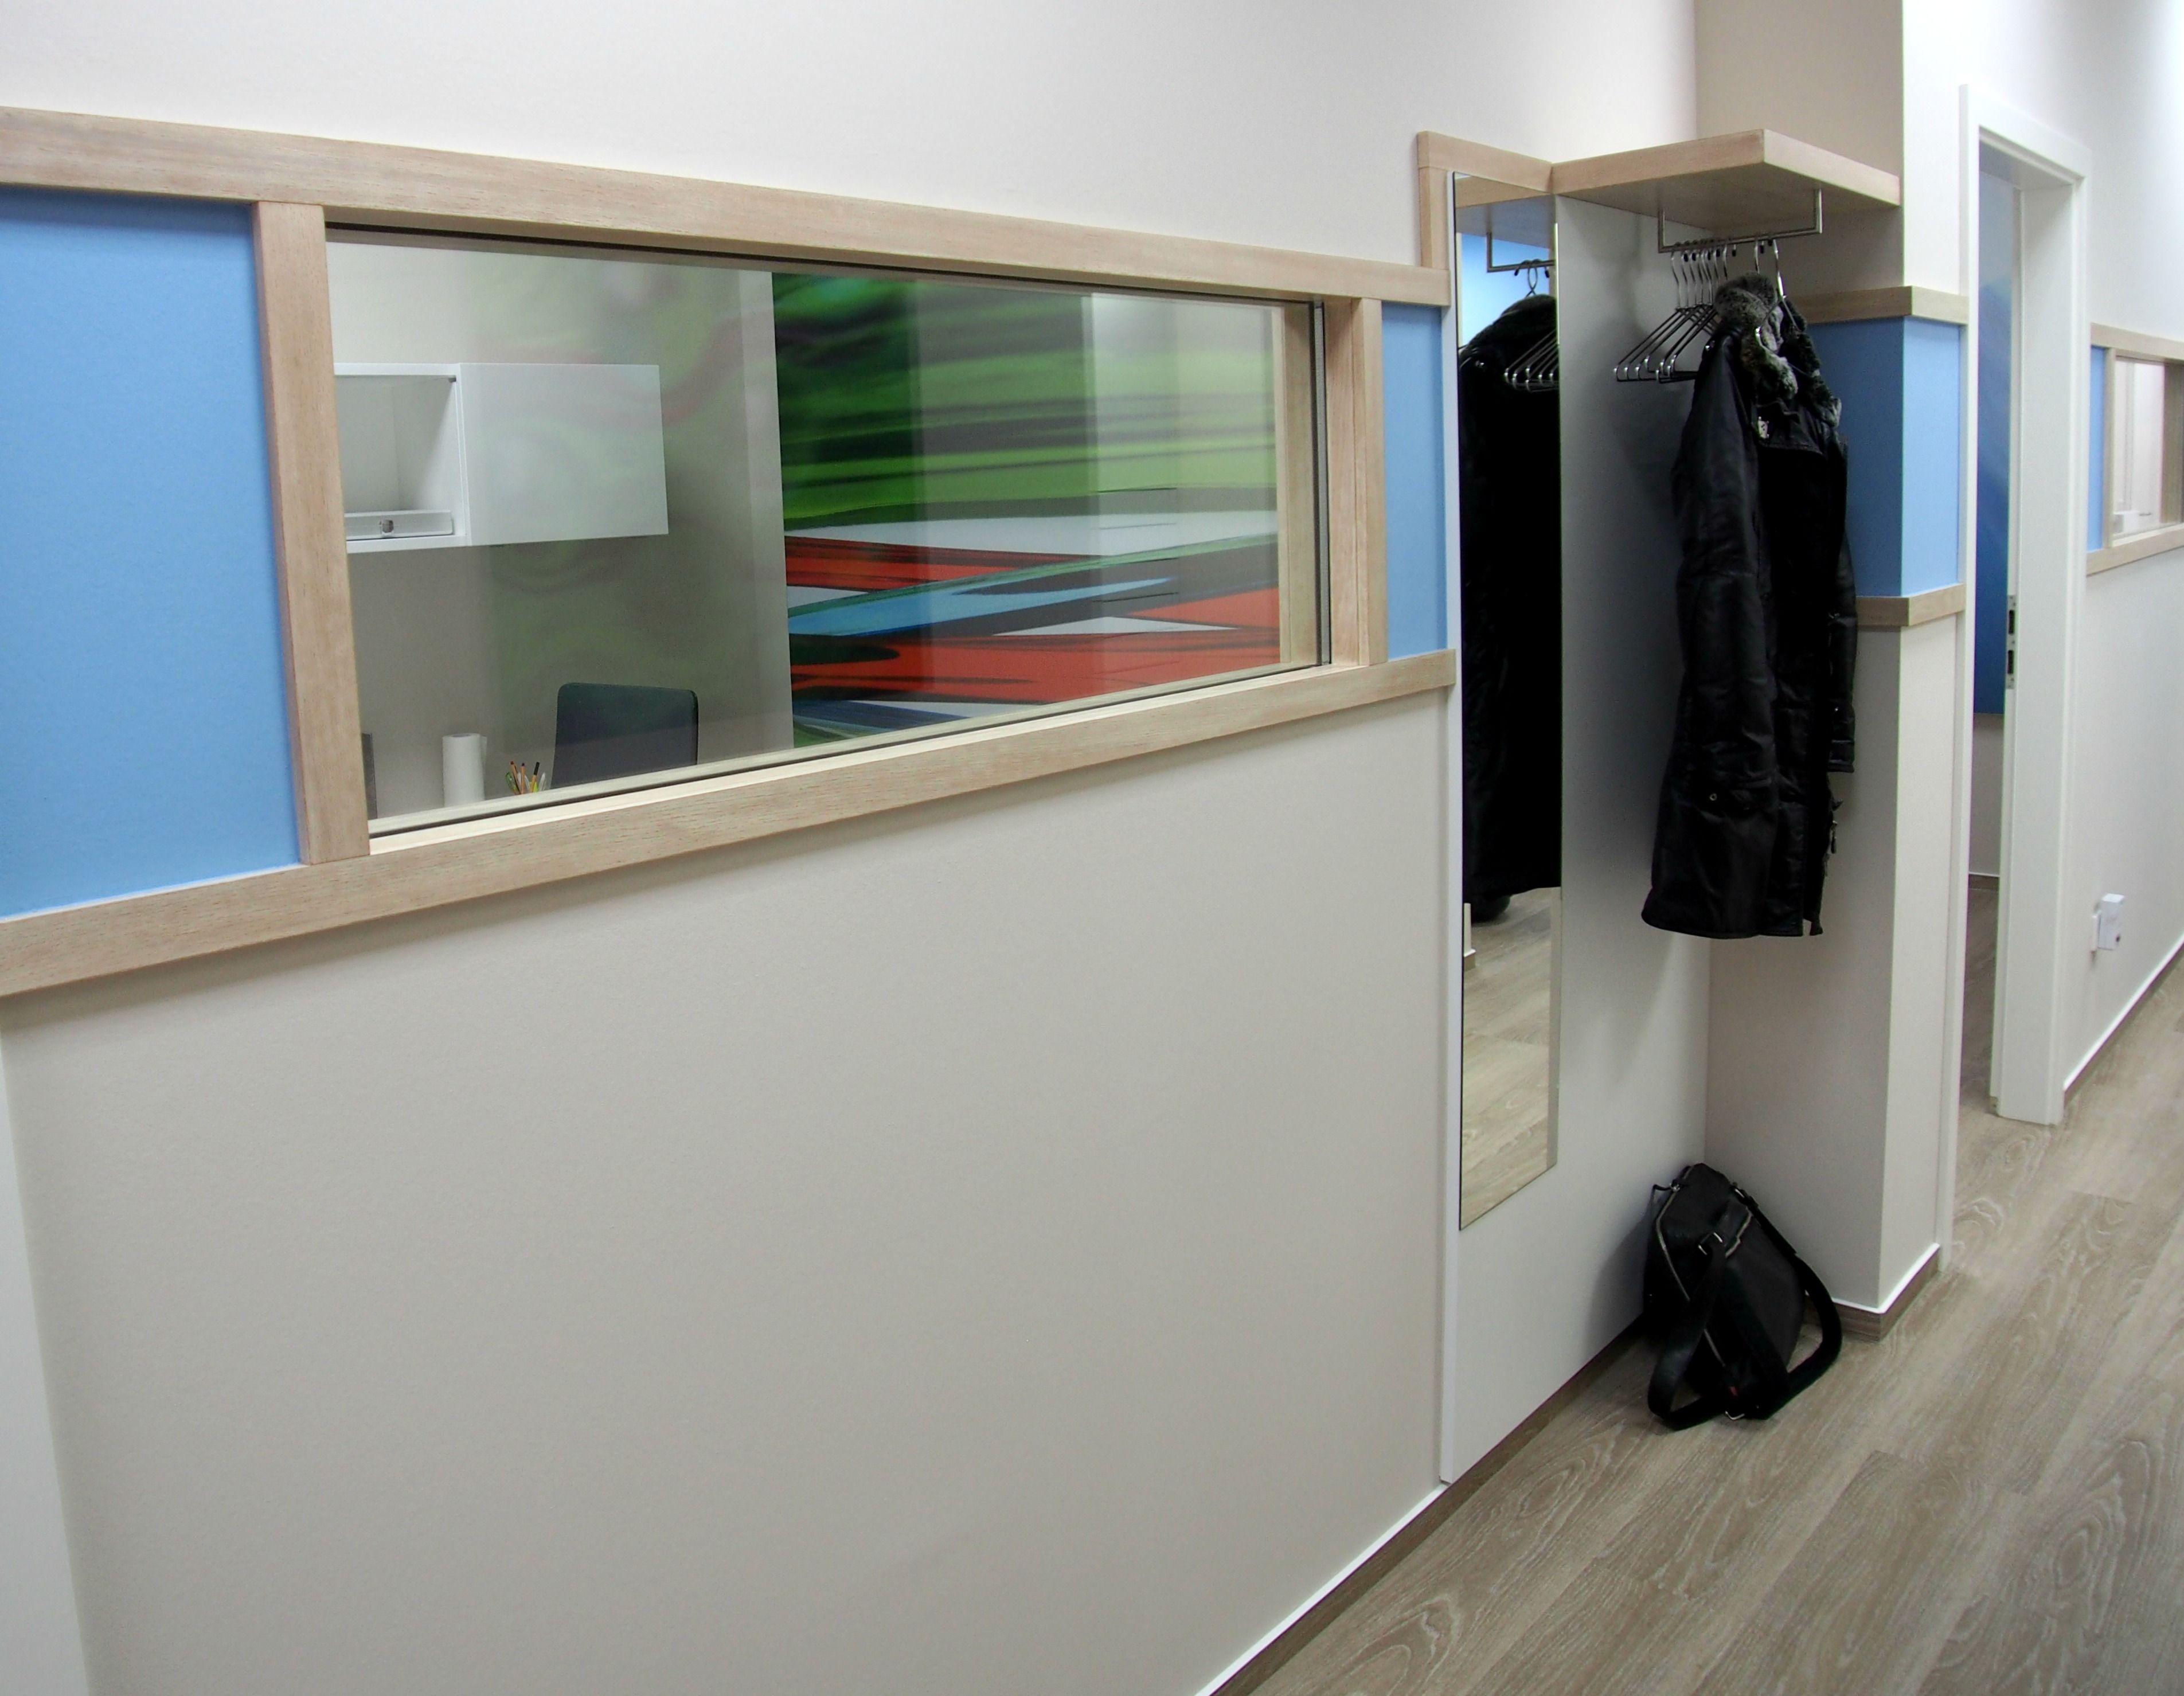 neugestaltung eines hörakustiker ladens in offenbach durch, Innenarchitektur ideen